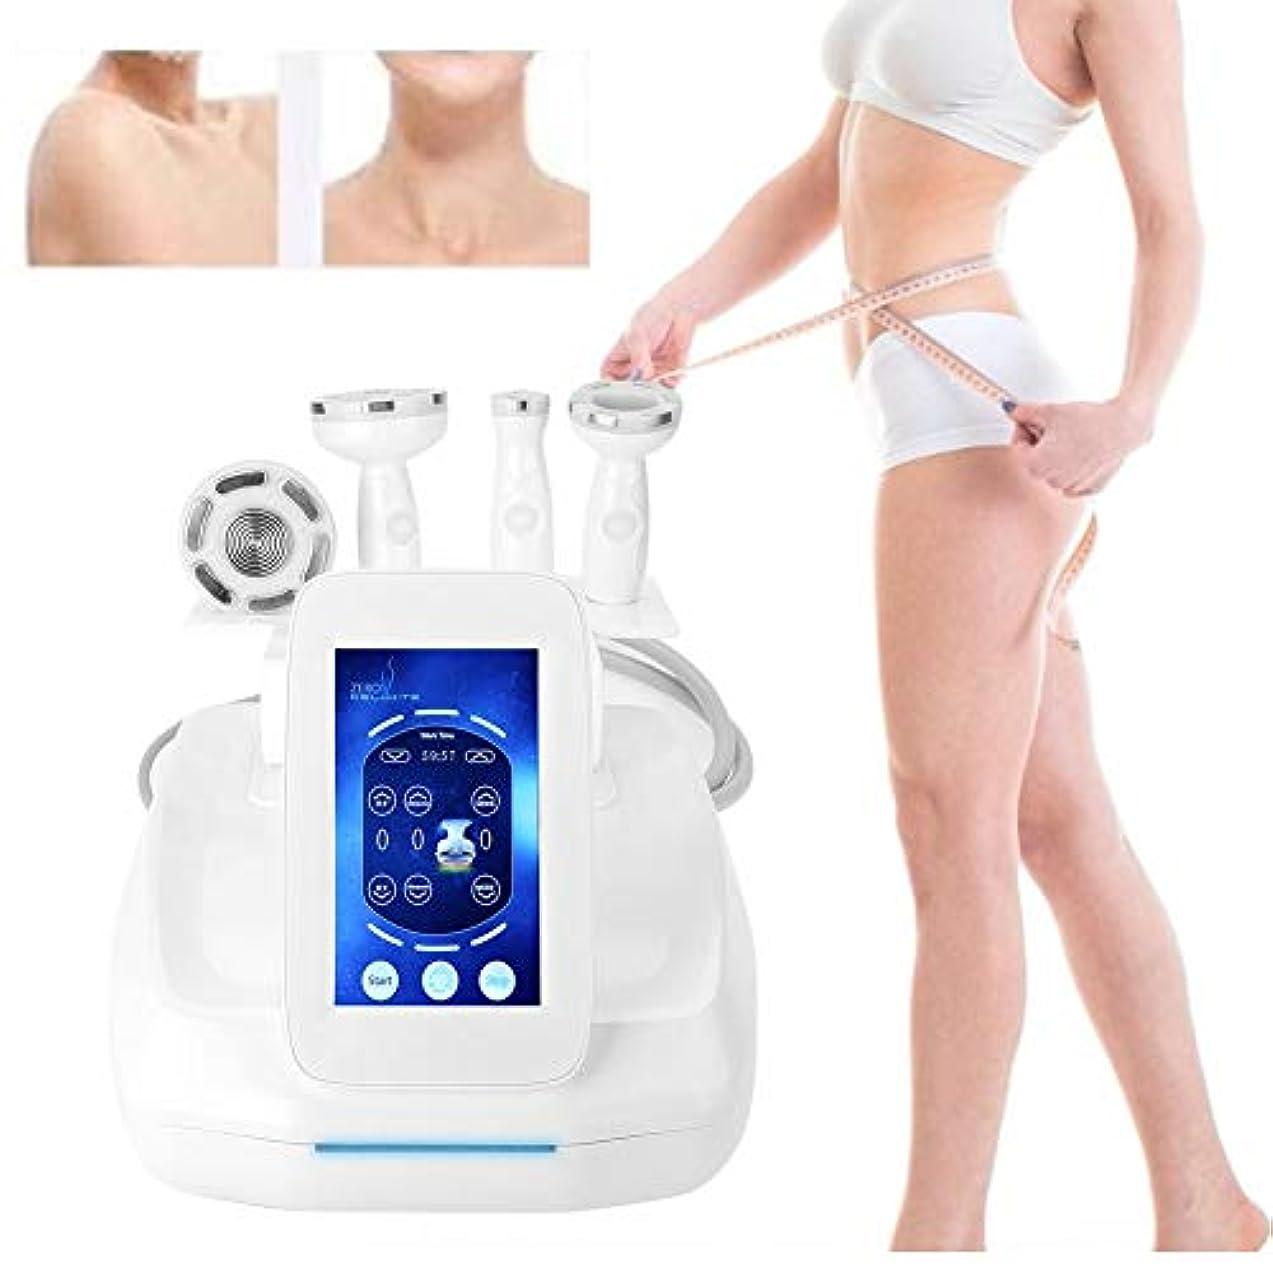 水納屋知性脂肪除去機、多極RF熱可塑性真空ブラストボディシェーピング器具皮膚リフティングマッサージャー(US)